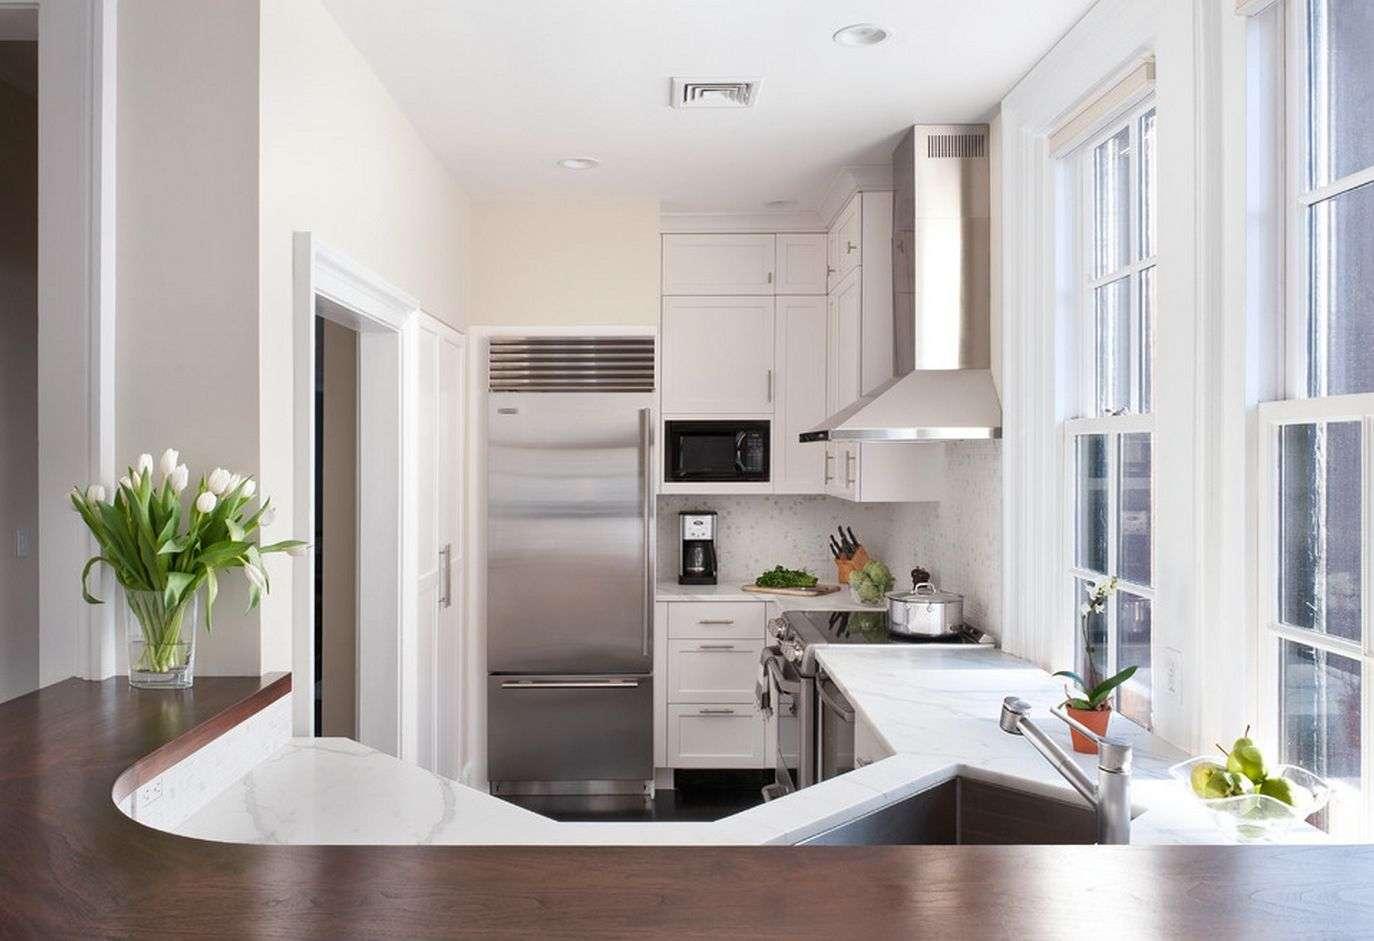 Інтерєр кухні в приватному будинку: як створити естетичну та комфортний простір